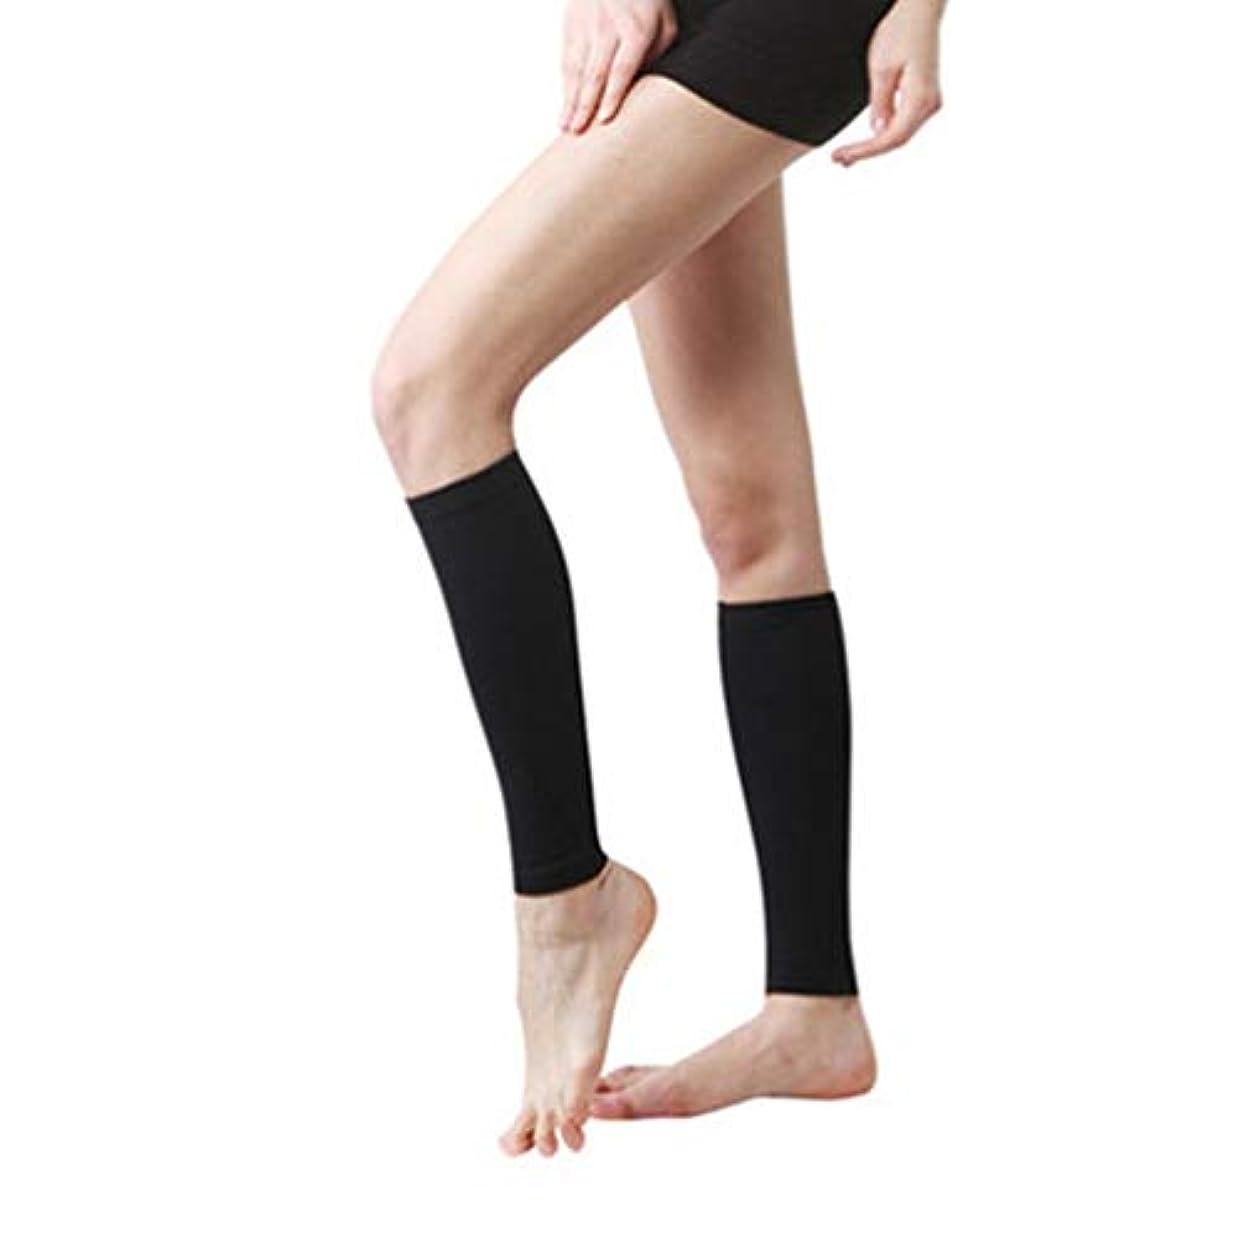 一時停止わかりやすいクリスチャン丈夫な男性女性プロの圧縮靴下通気性のある旅行活動看護師用シンススプリントフライトトラベル - ブラック